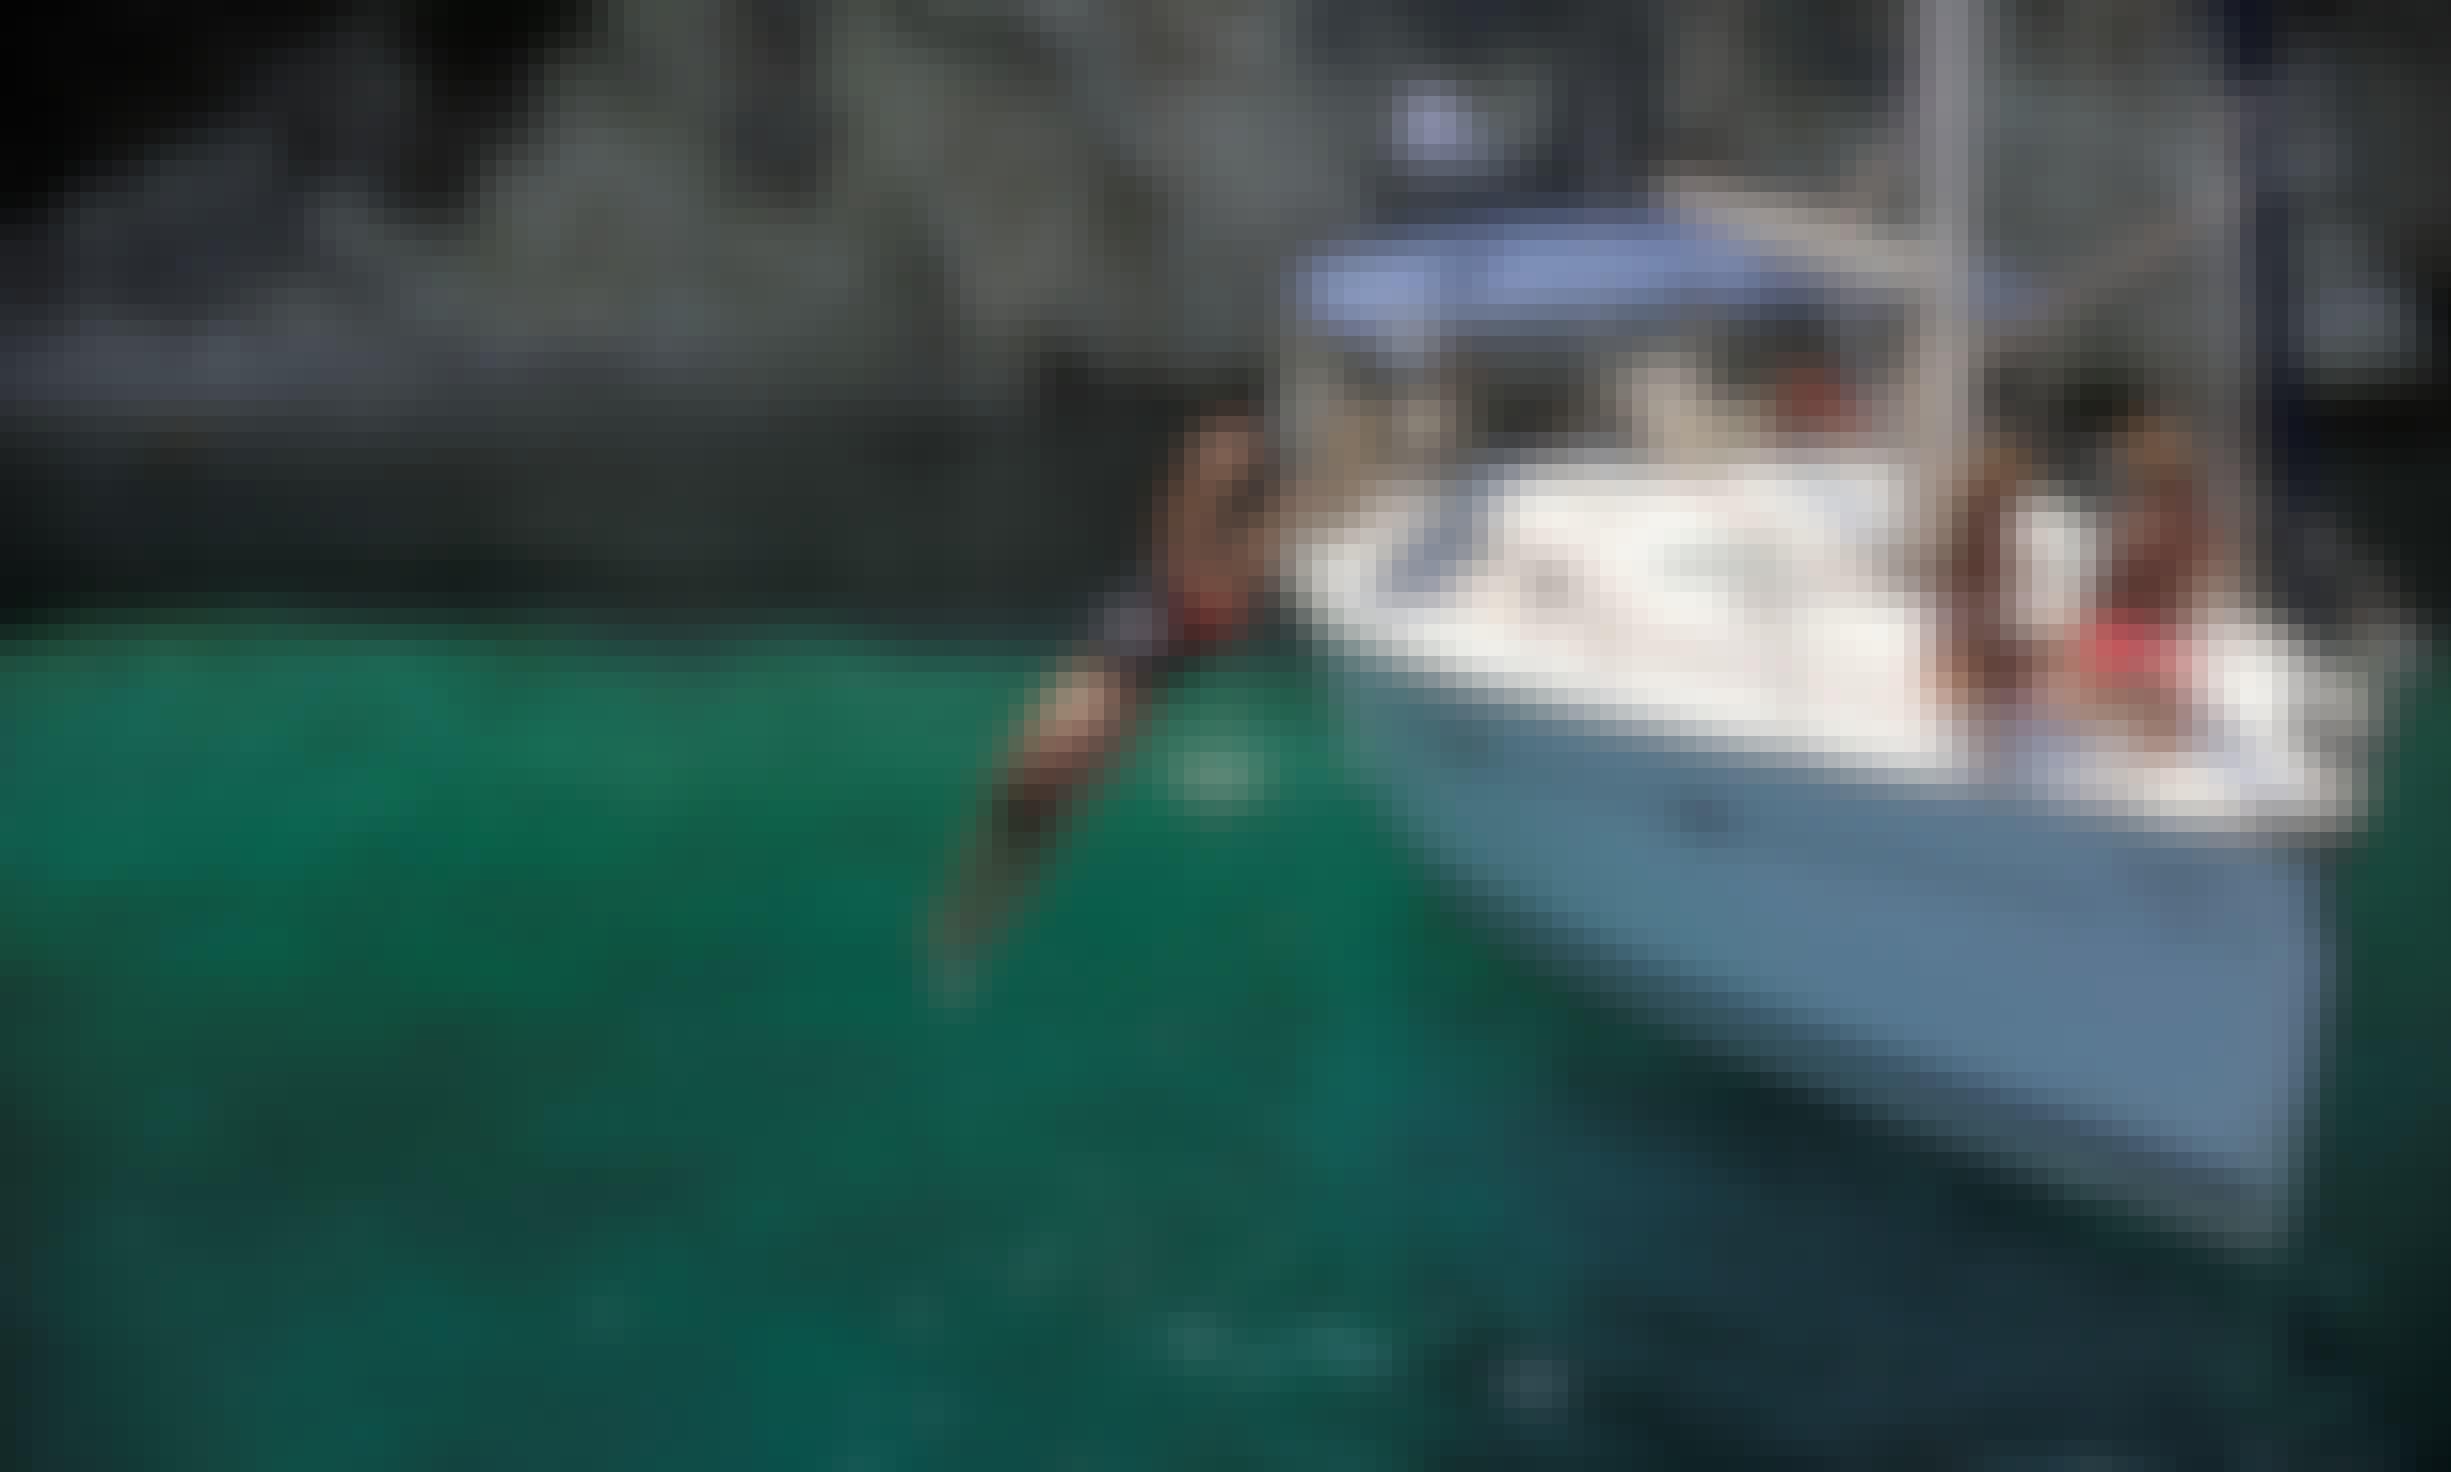 Poseidon - Beneteau Oceanis 39ft (2006) Yacht Charter in Lefkada, Greece